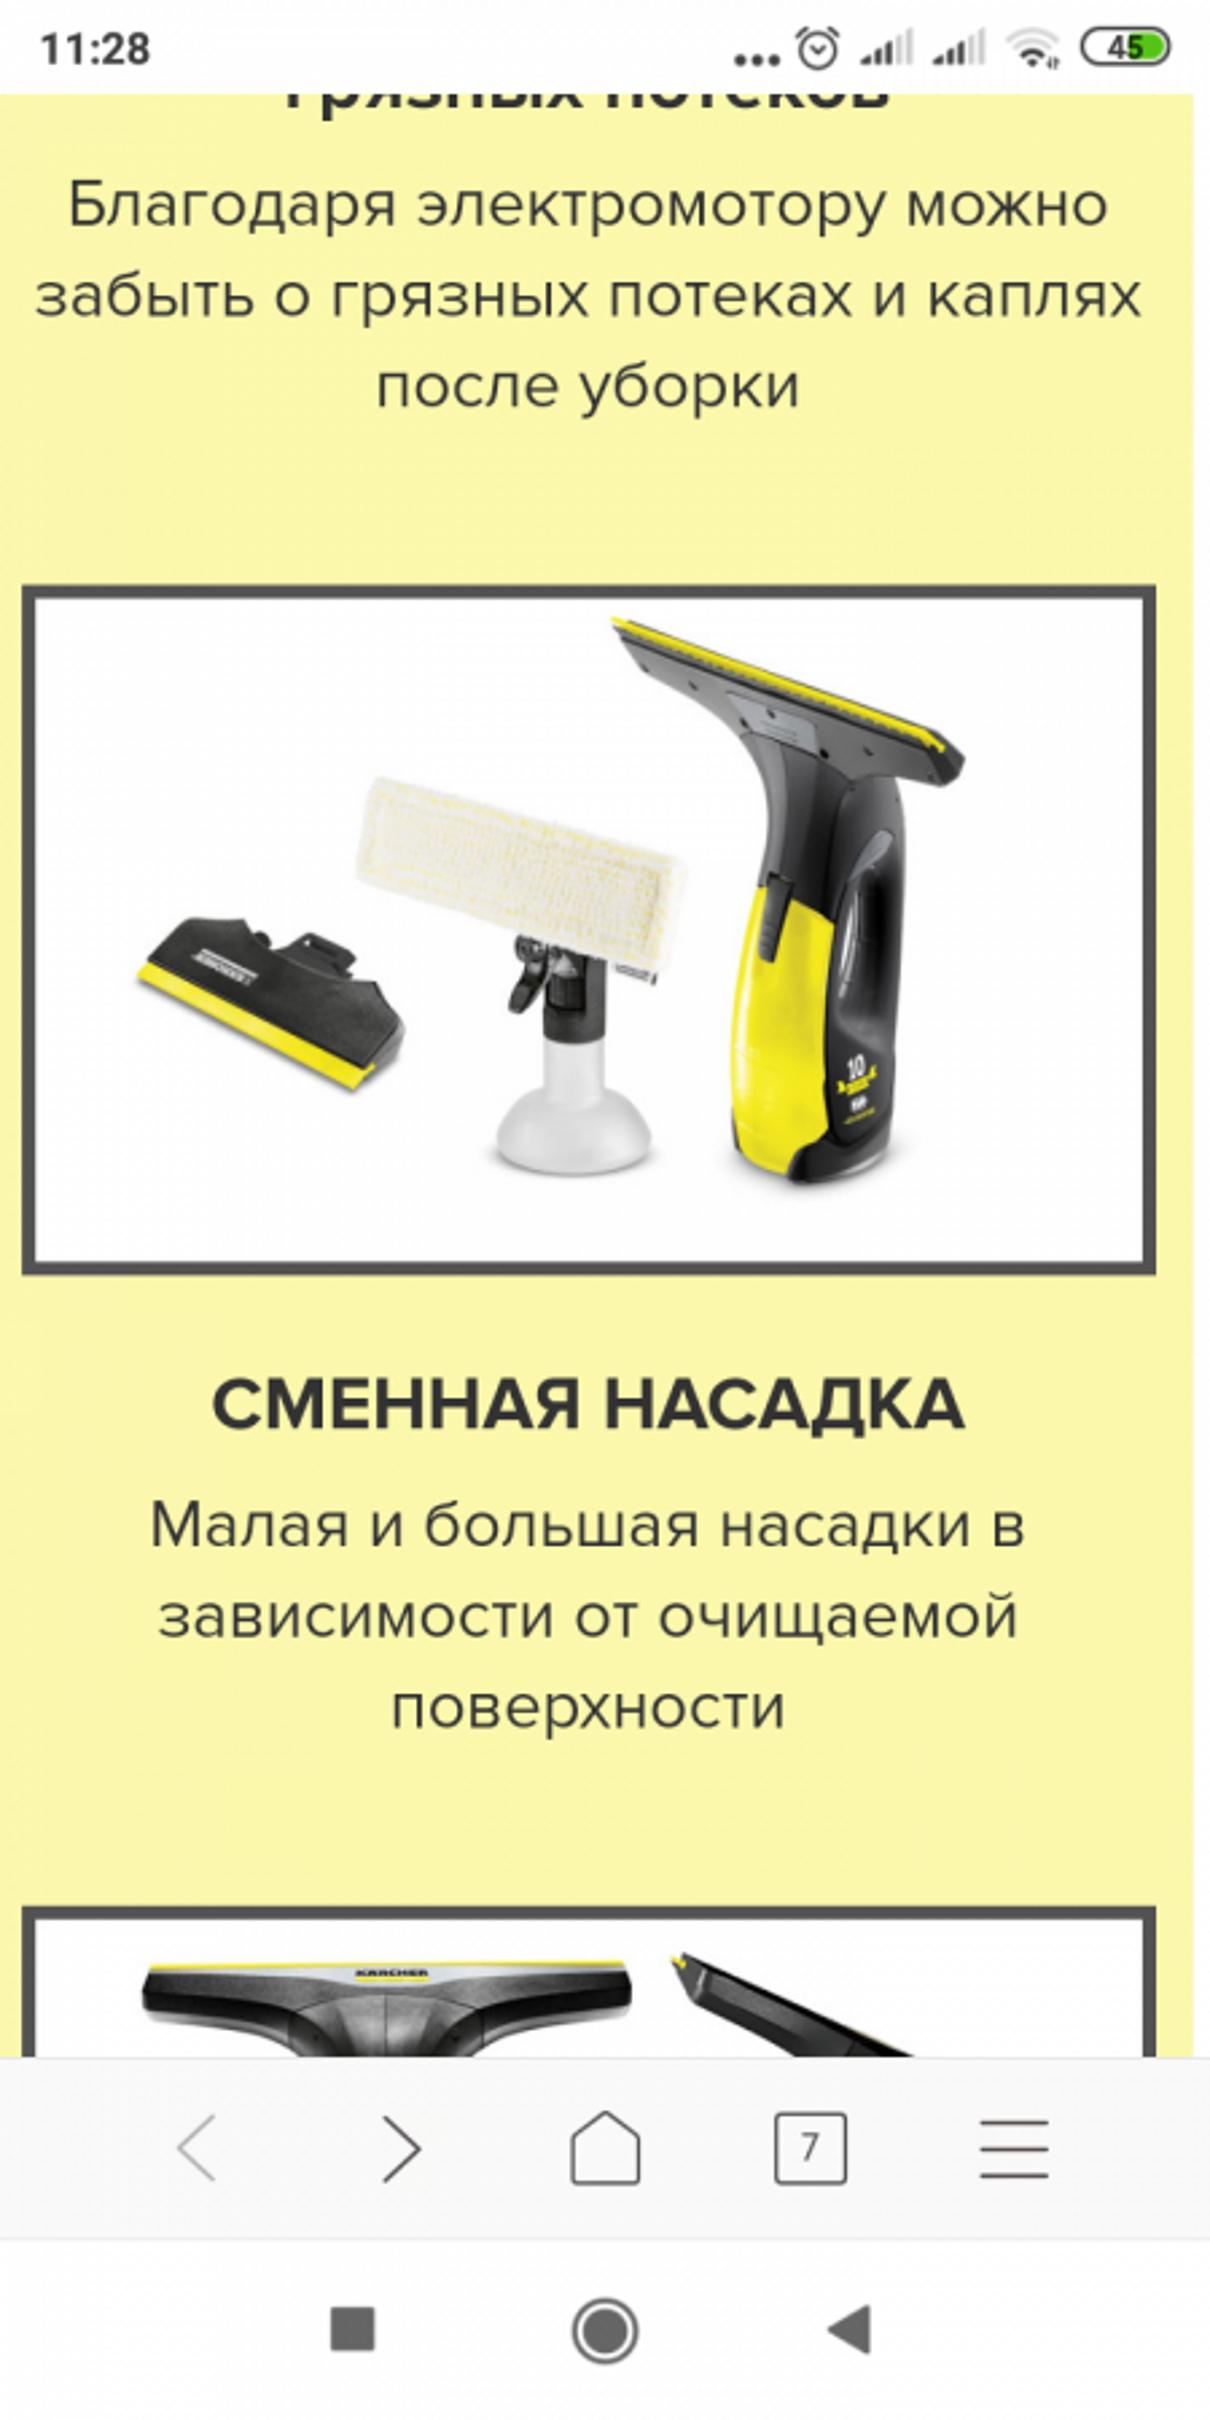 Жалоба-отзыв: Http://clean-glass.top - Не соответствие товара. Нет обратной связи.  Фото №3